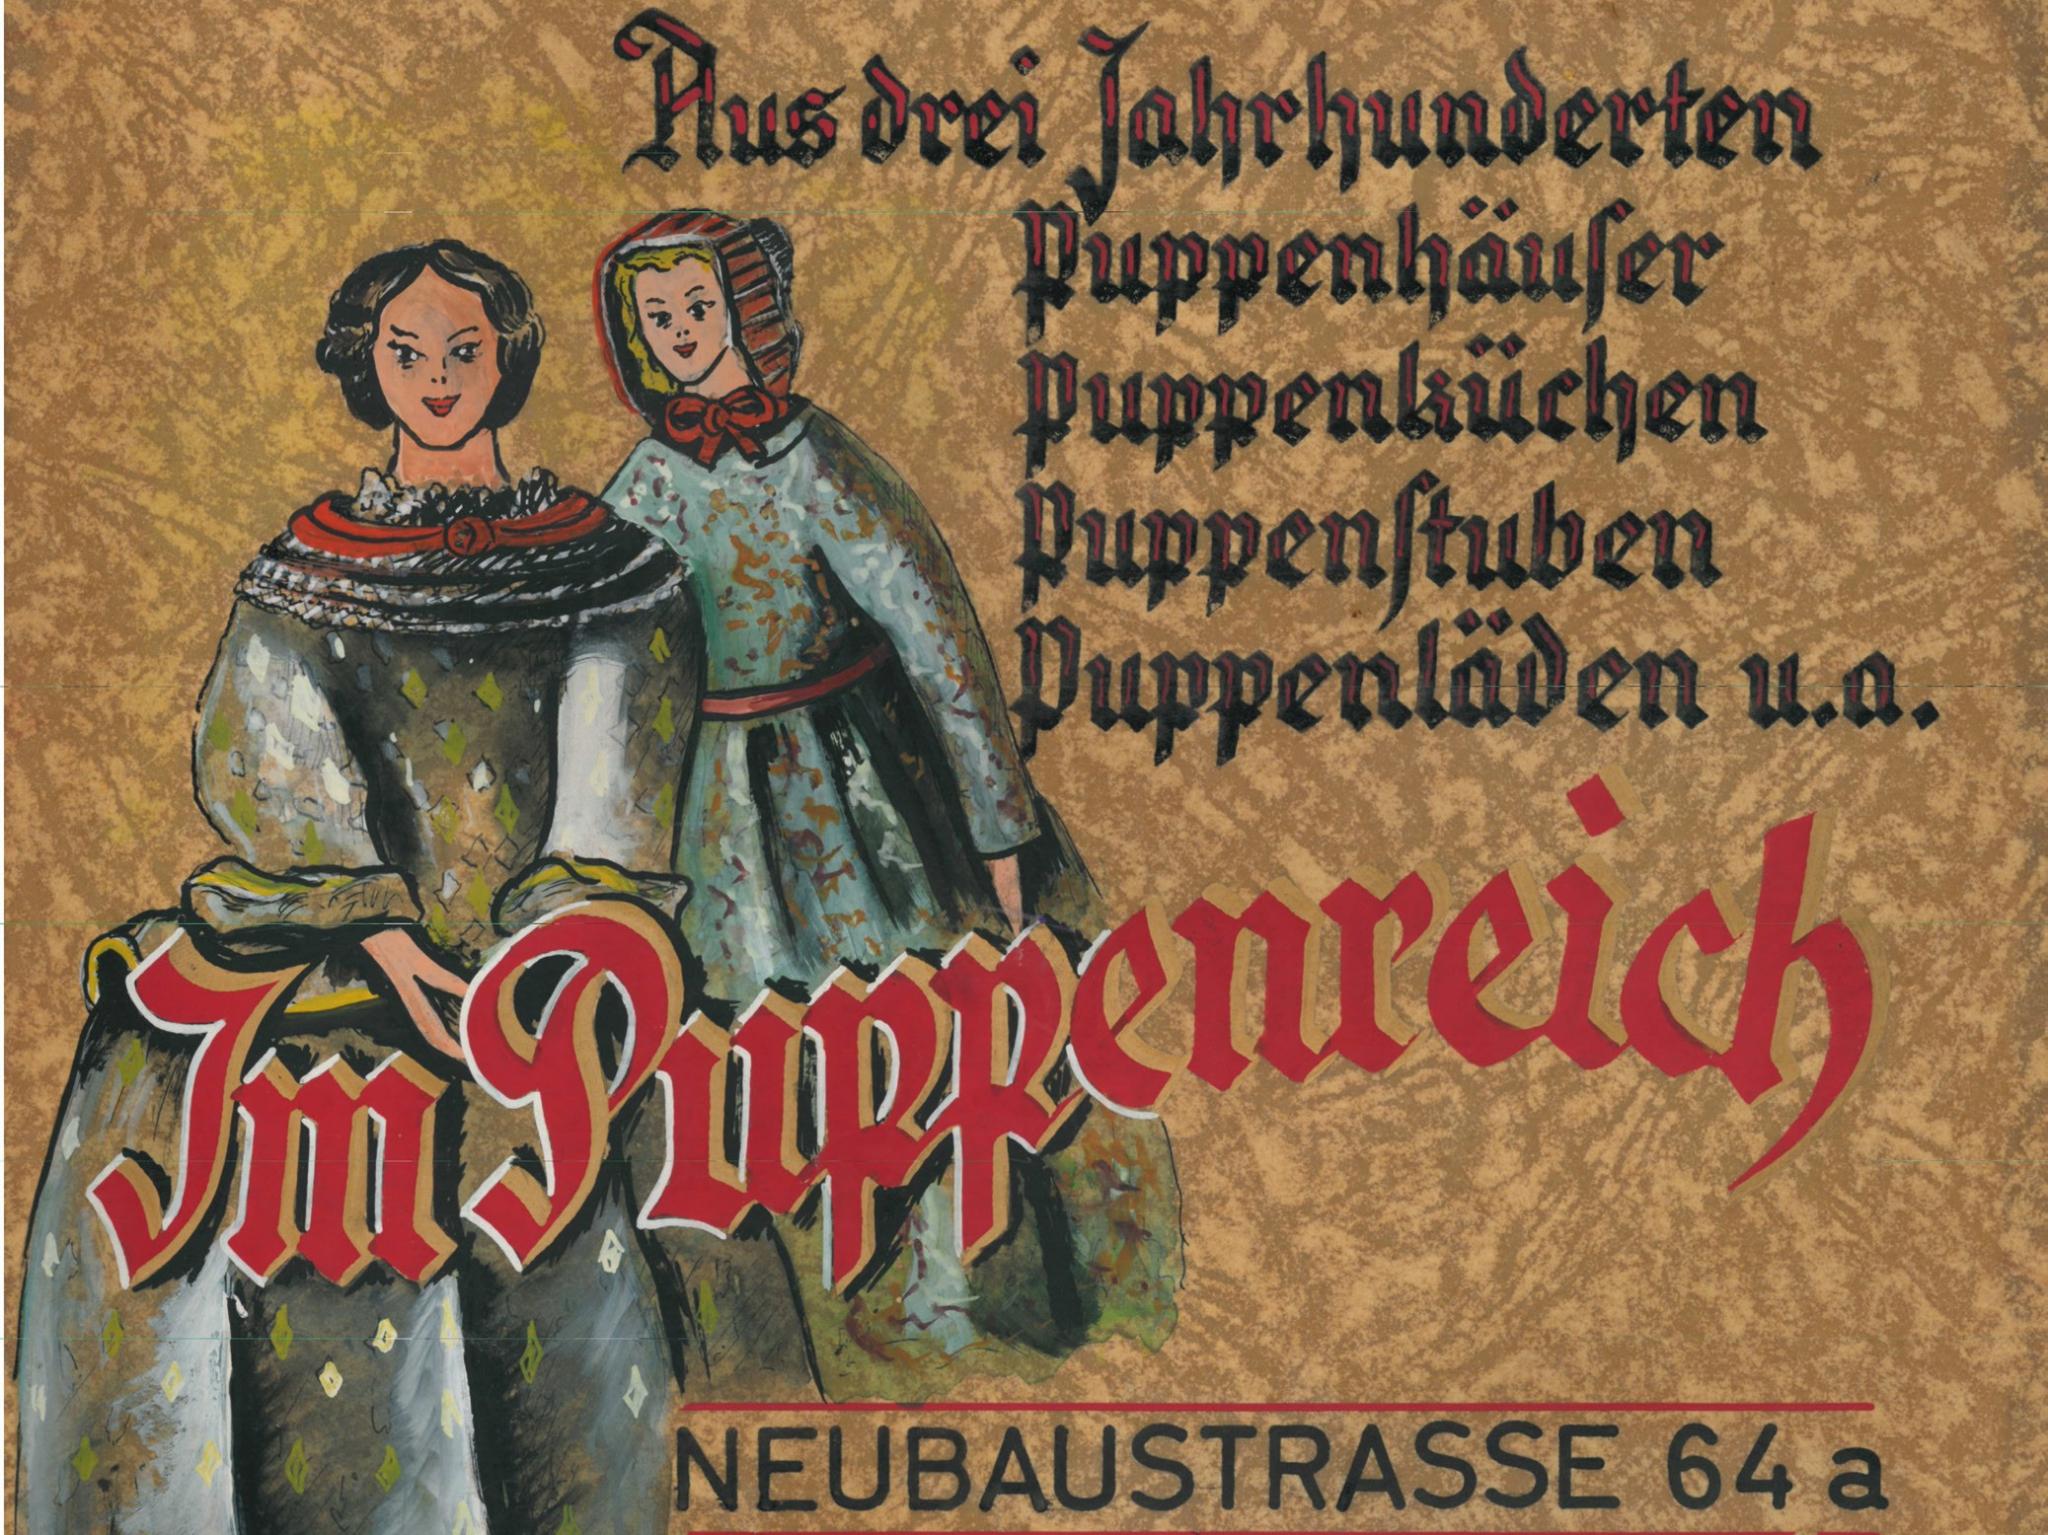 Handgemalter Aufsteller der Eröffnungsausstellung des Museums Lydia Bayer (Dez. 1962). Bild: Spielzeugmuseum Nürnberg, Nachlass Dr. Lydia Bayer